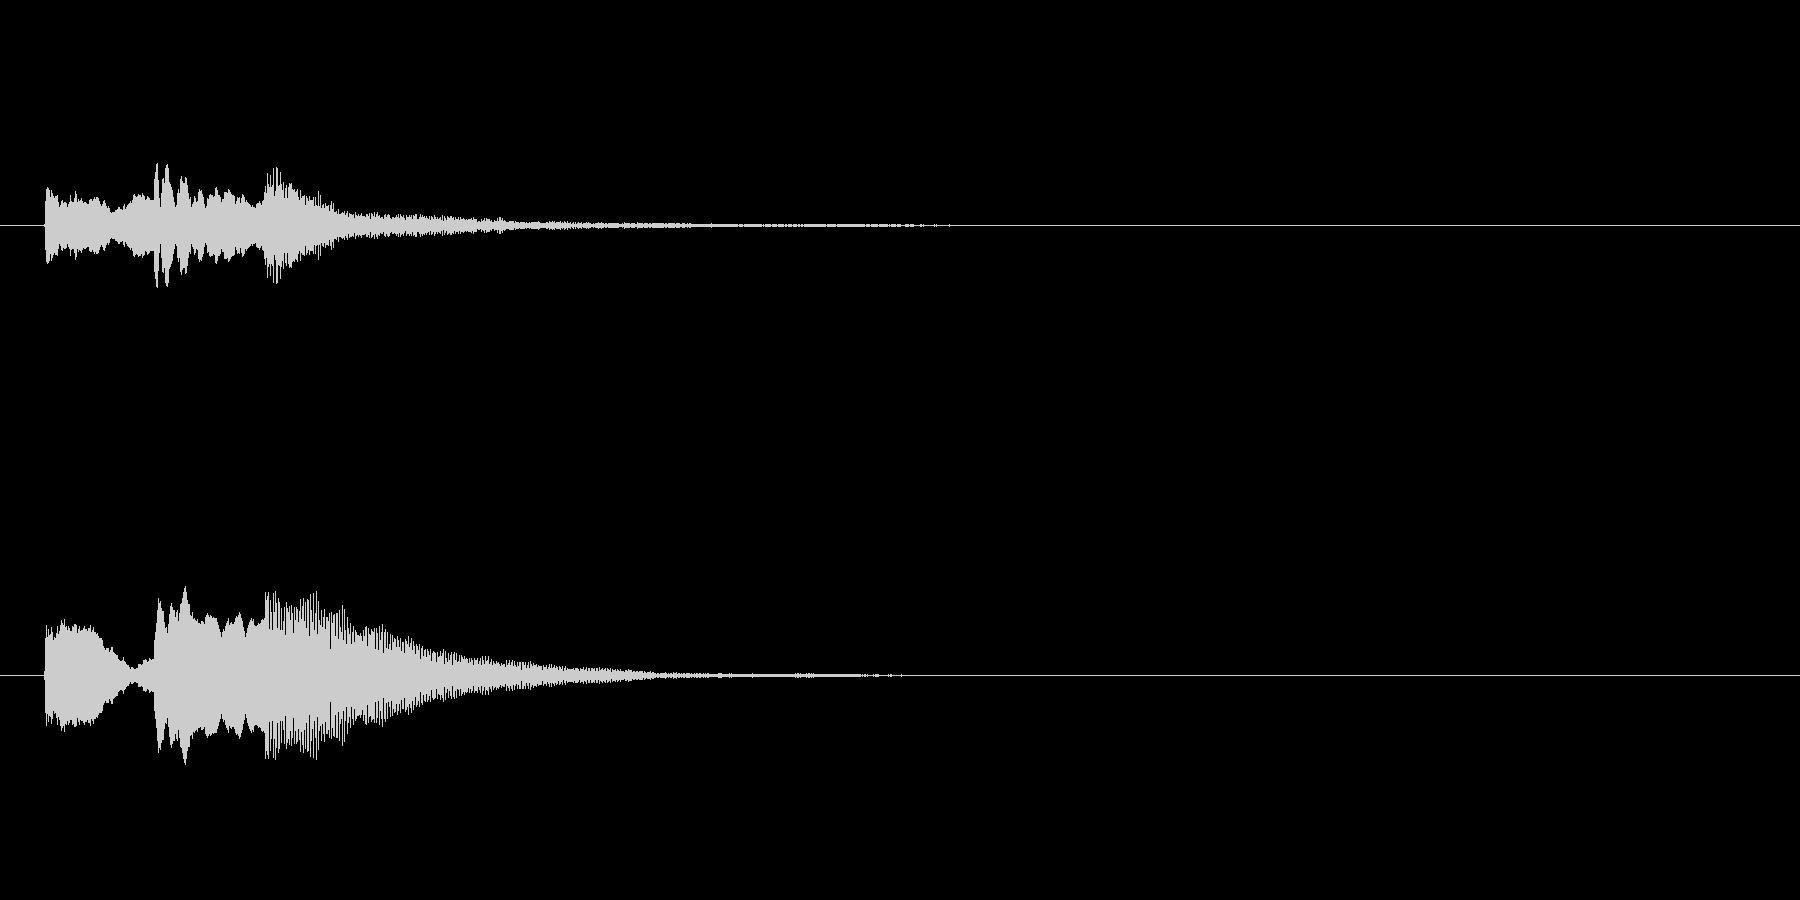 テレレン(キャンセル音)の未再生の波形